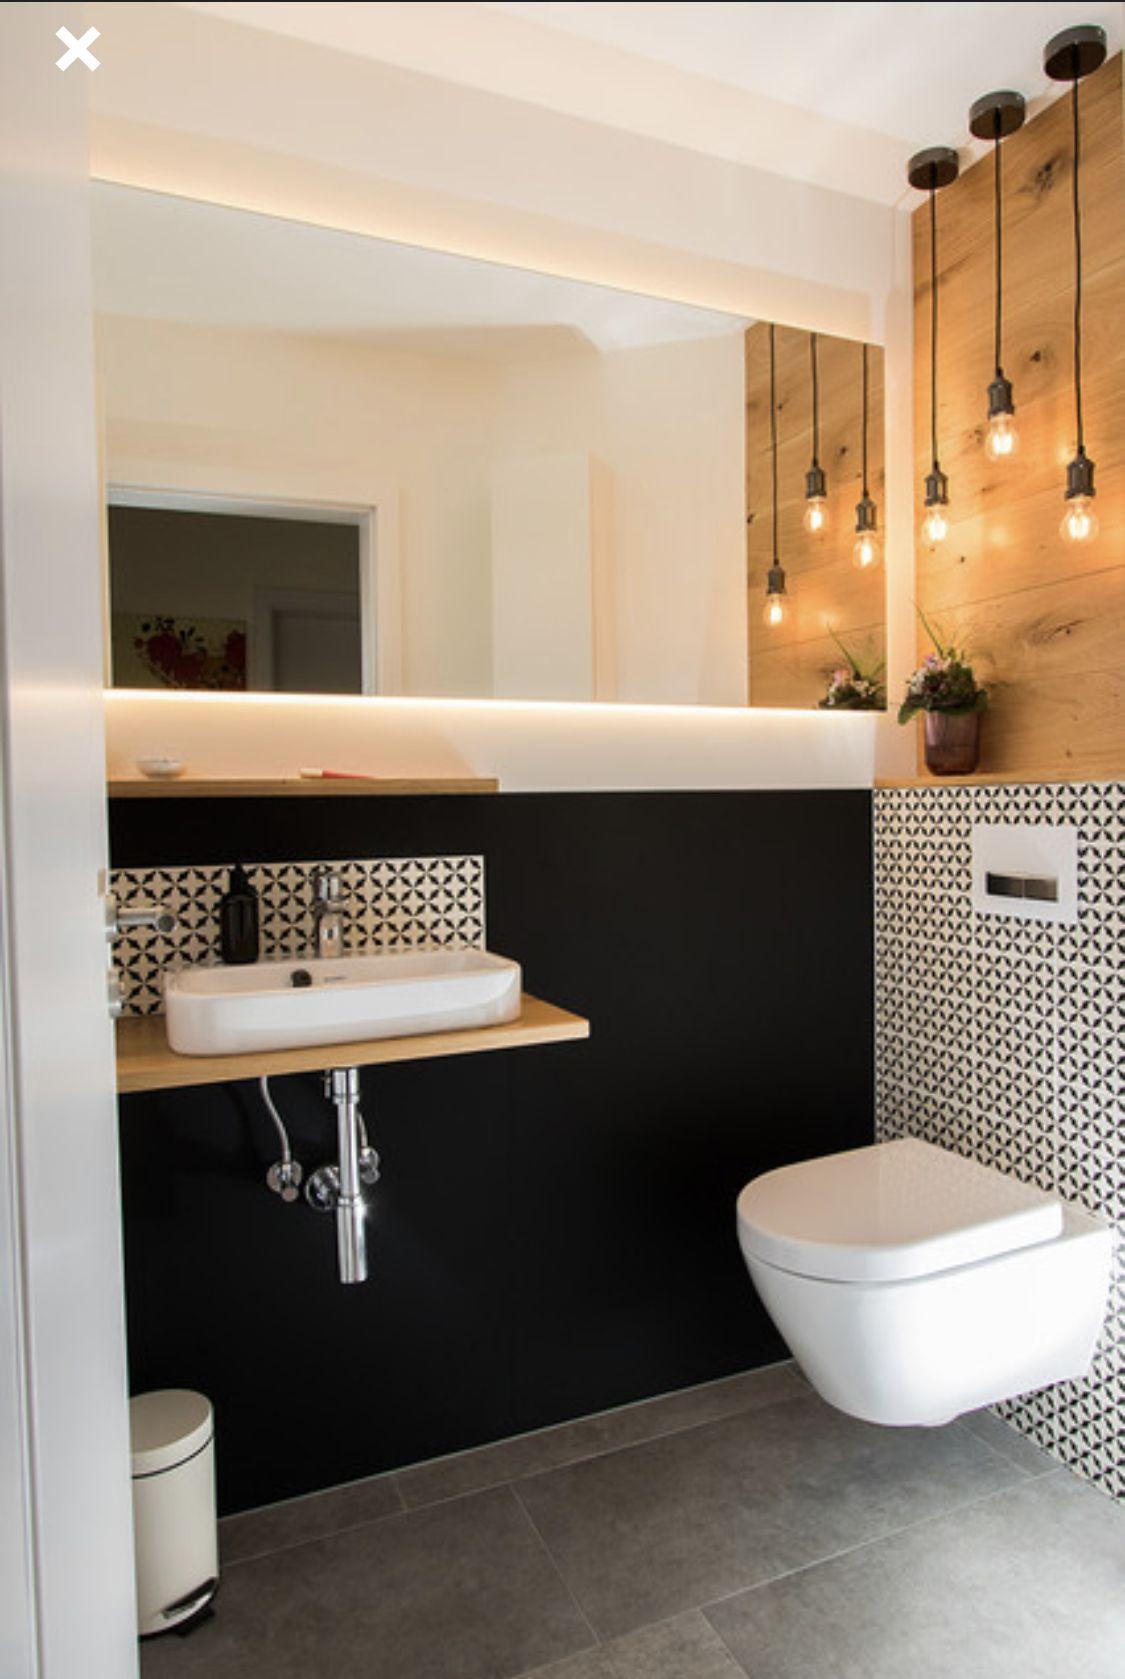 Pin Von Floor Studio Ndsm Auf Great Bathrooms In 2020 Bad Fliesen Badezimmerspiegel Gaste Wc